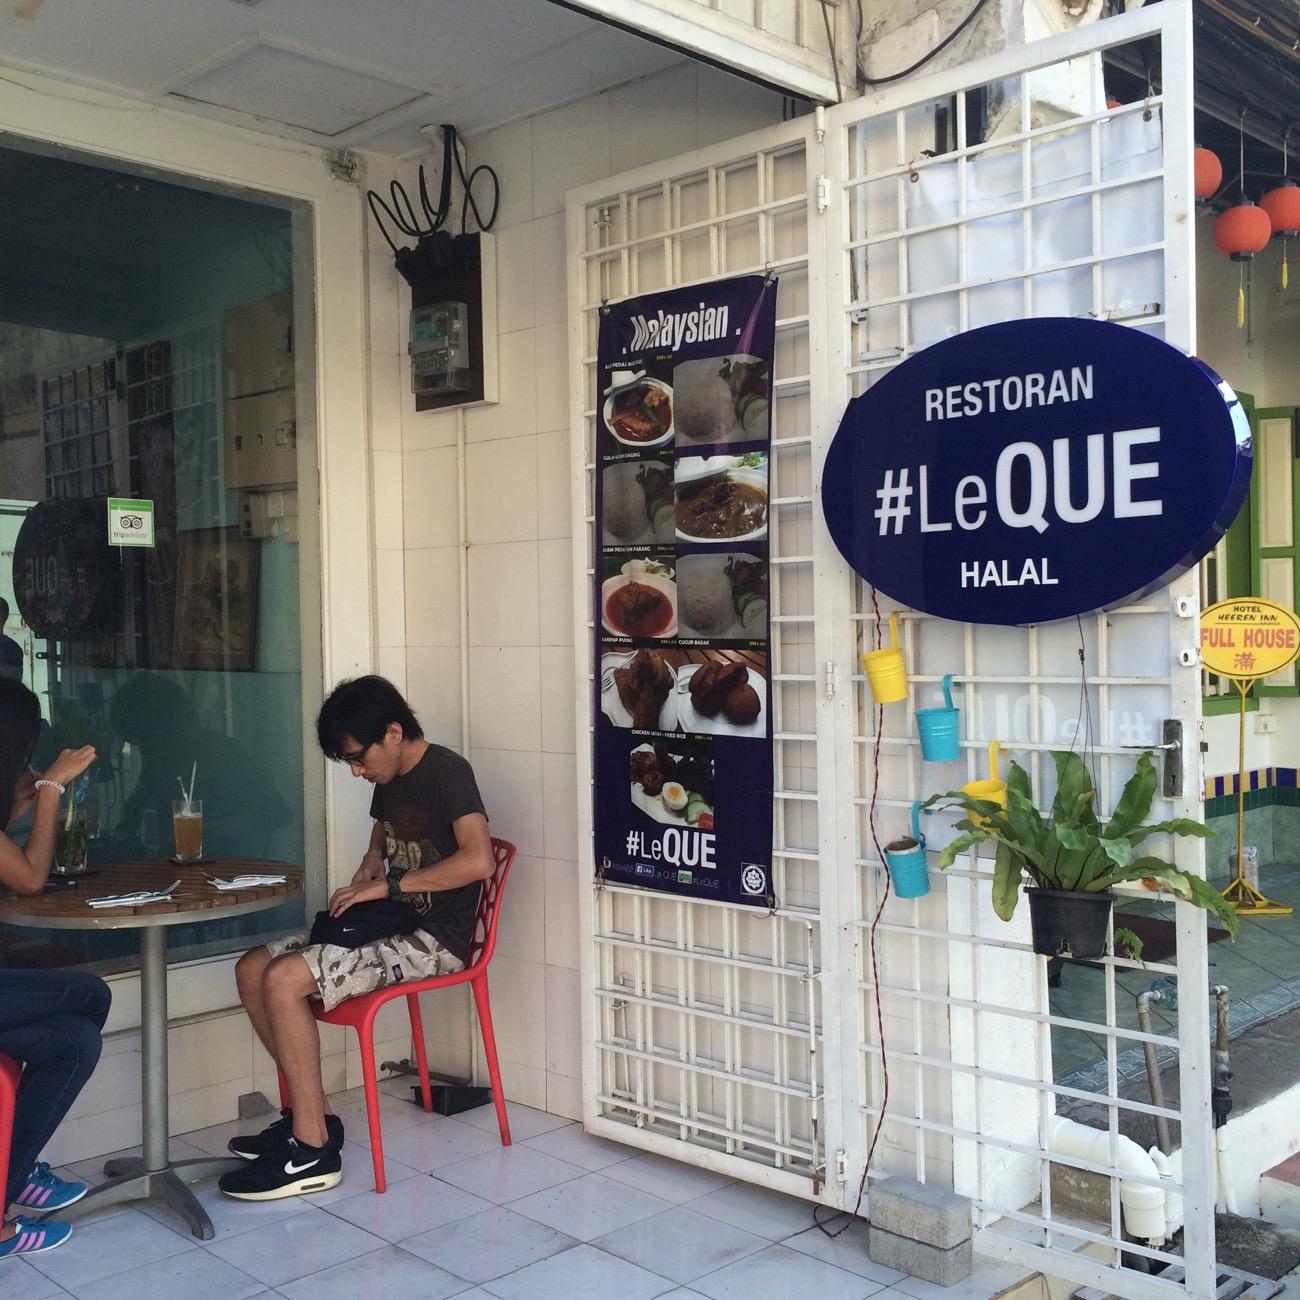 restoran LeQue